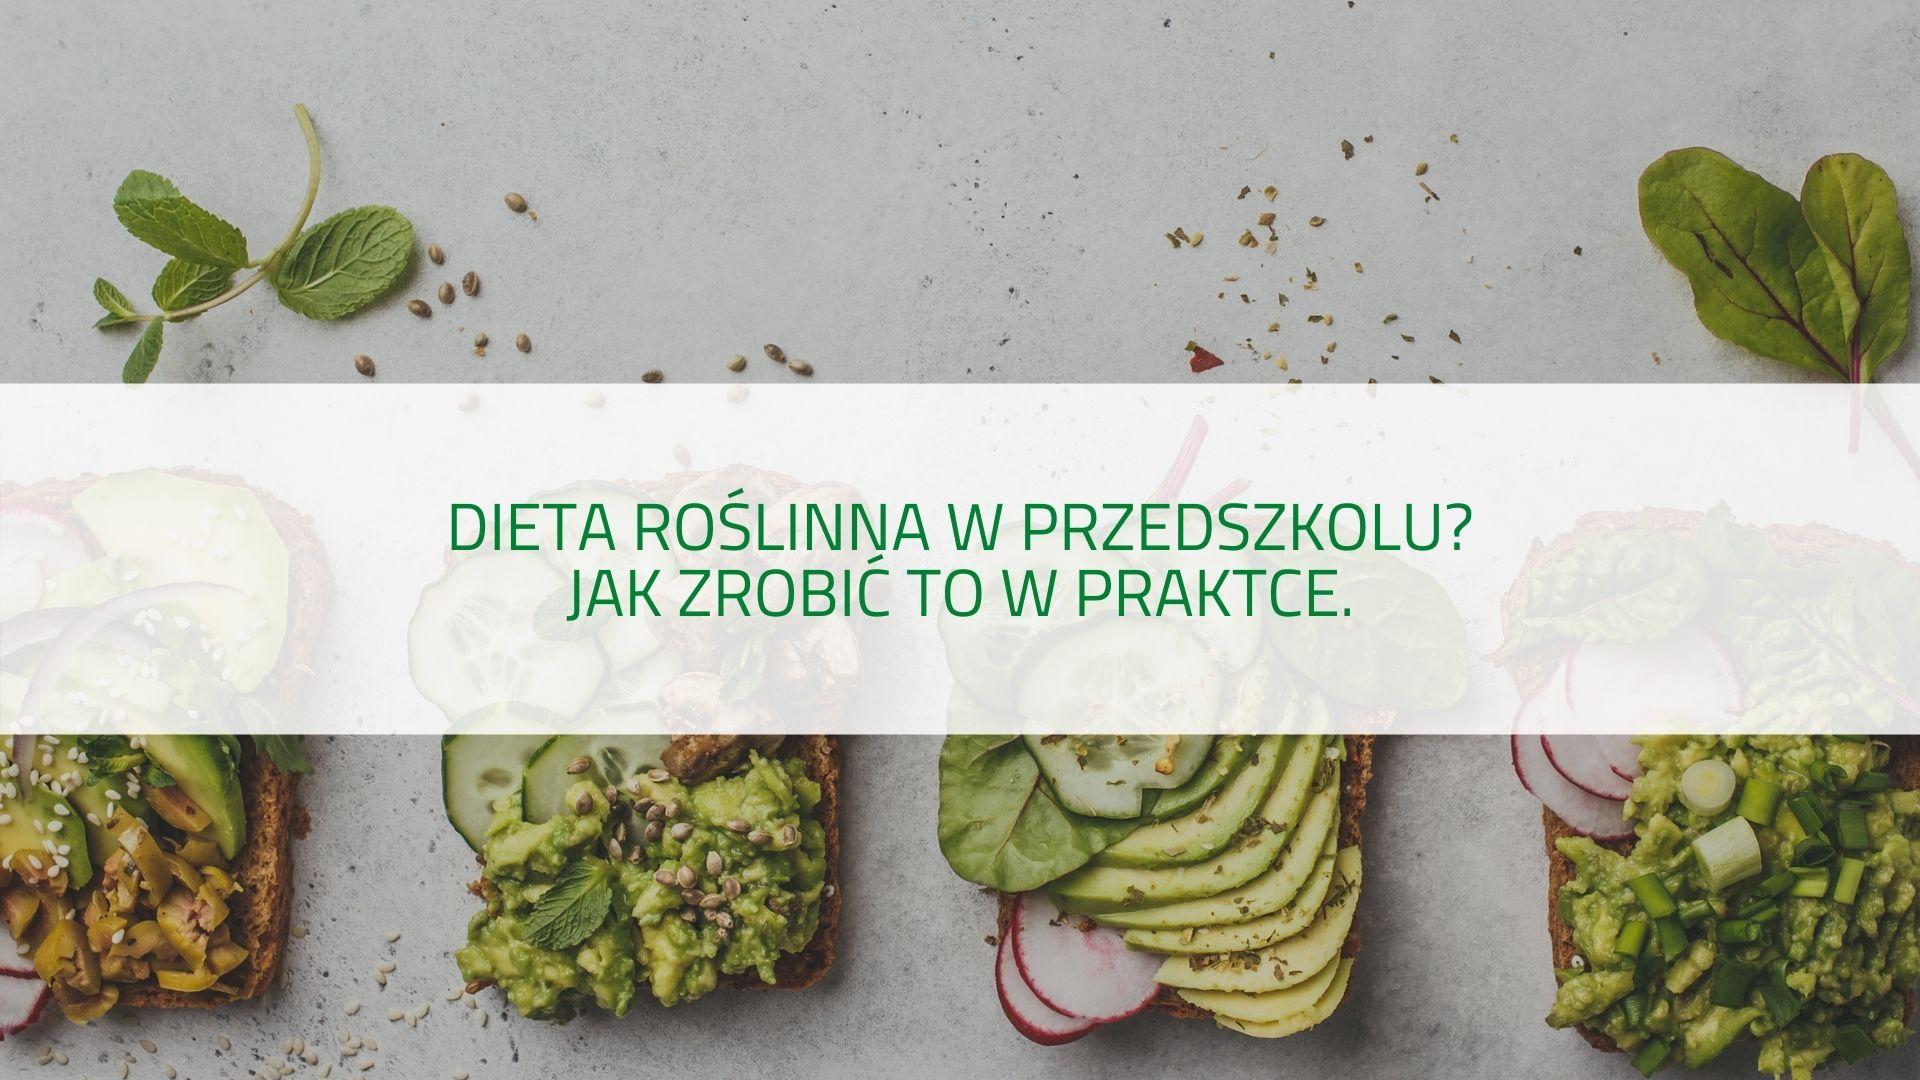 Podcast dieta roślinna w przedszkolu